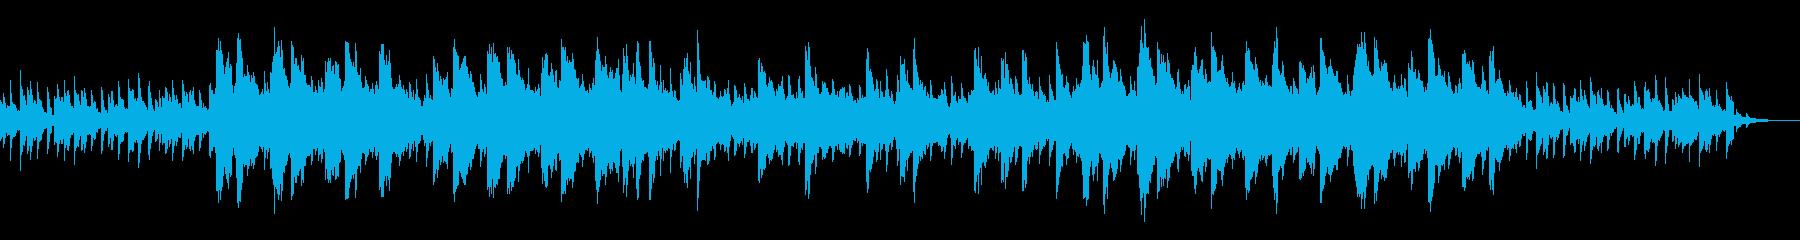 ビートなしBGMなどに明るくシンプルな曲の再生済みの波形